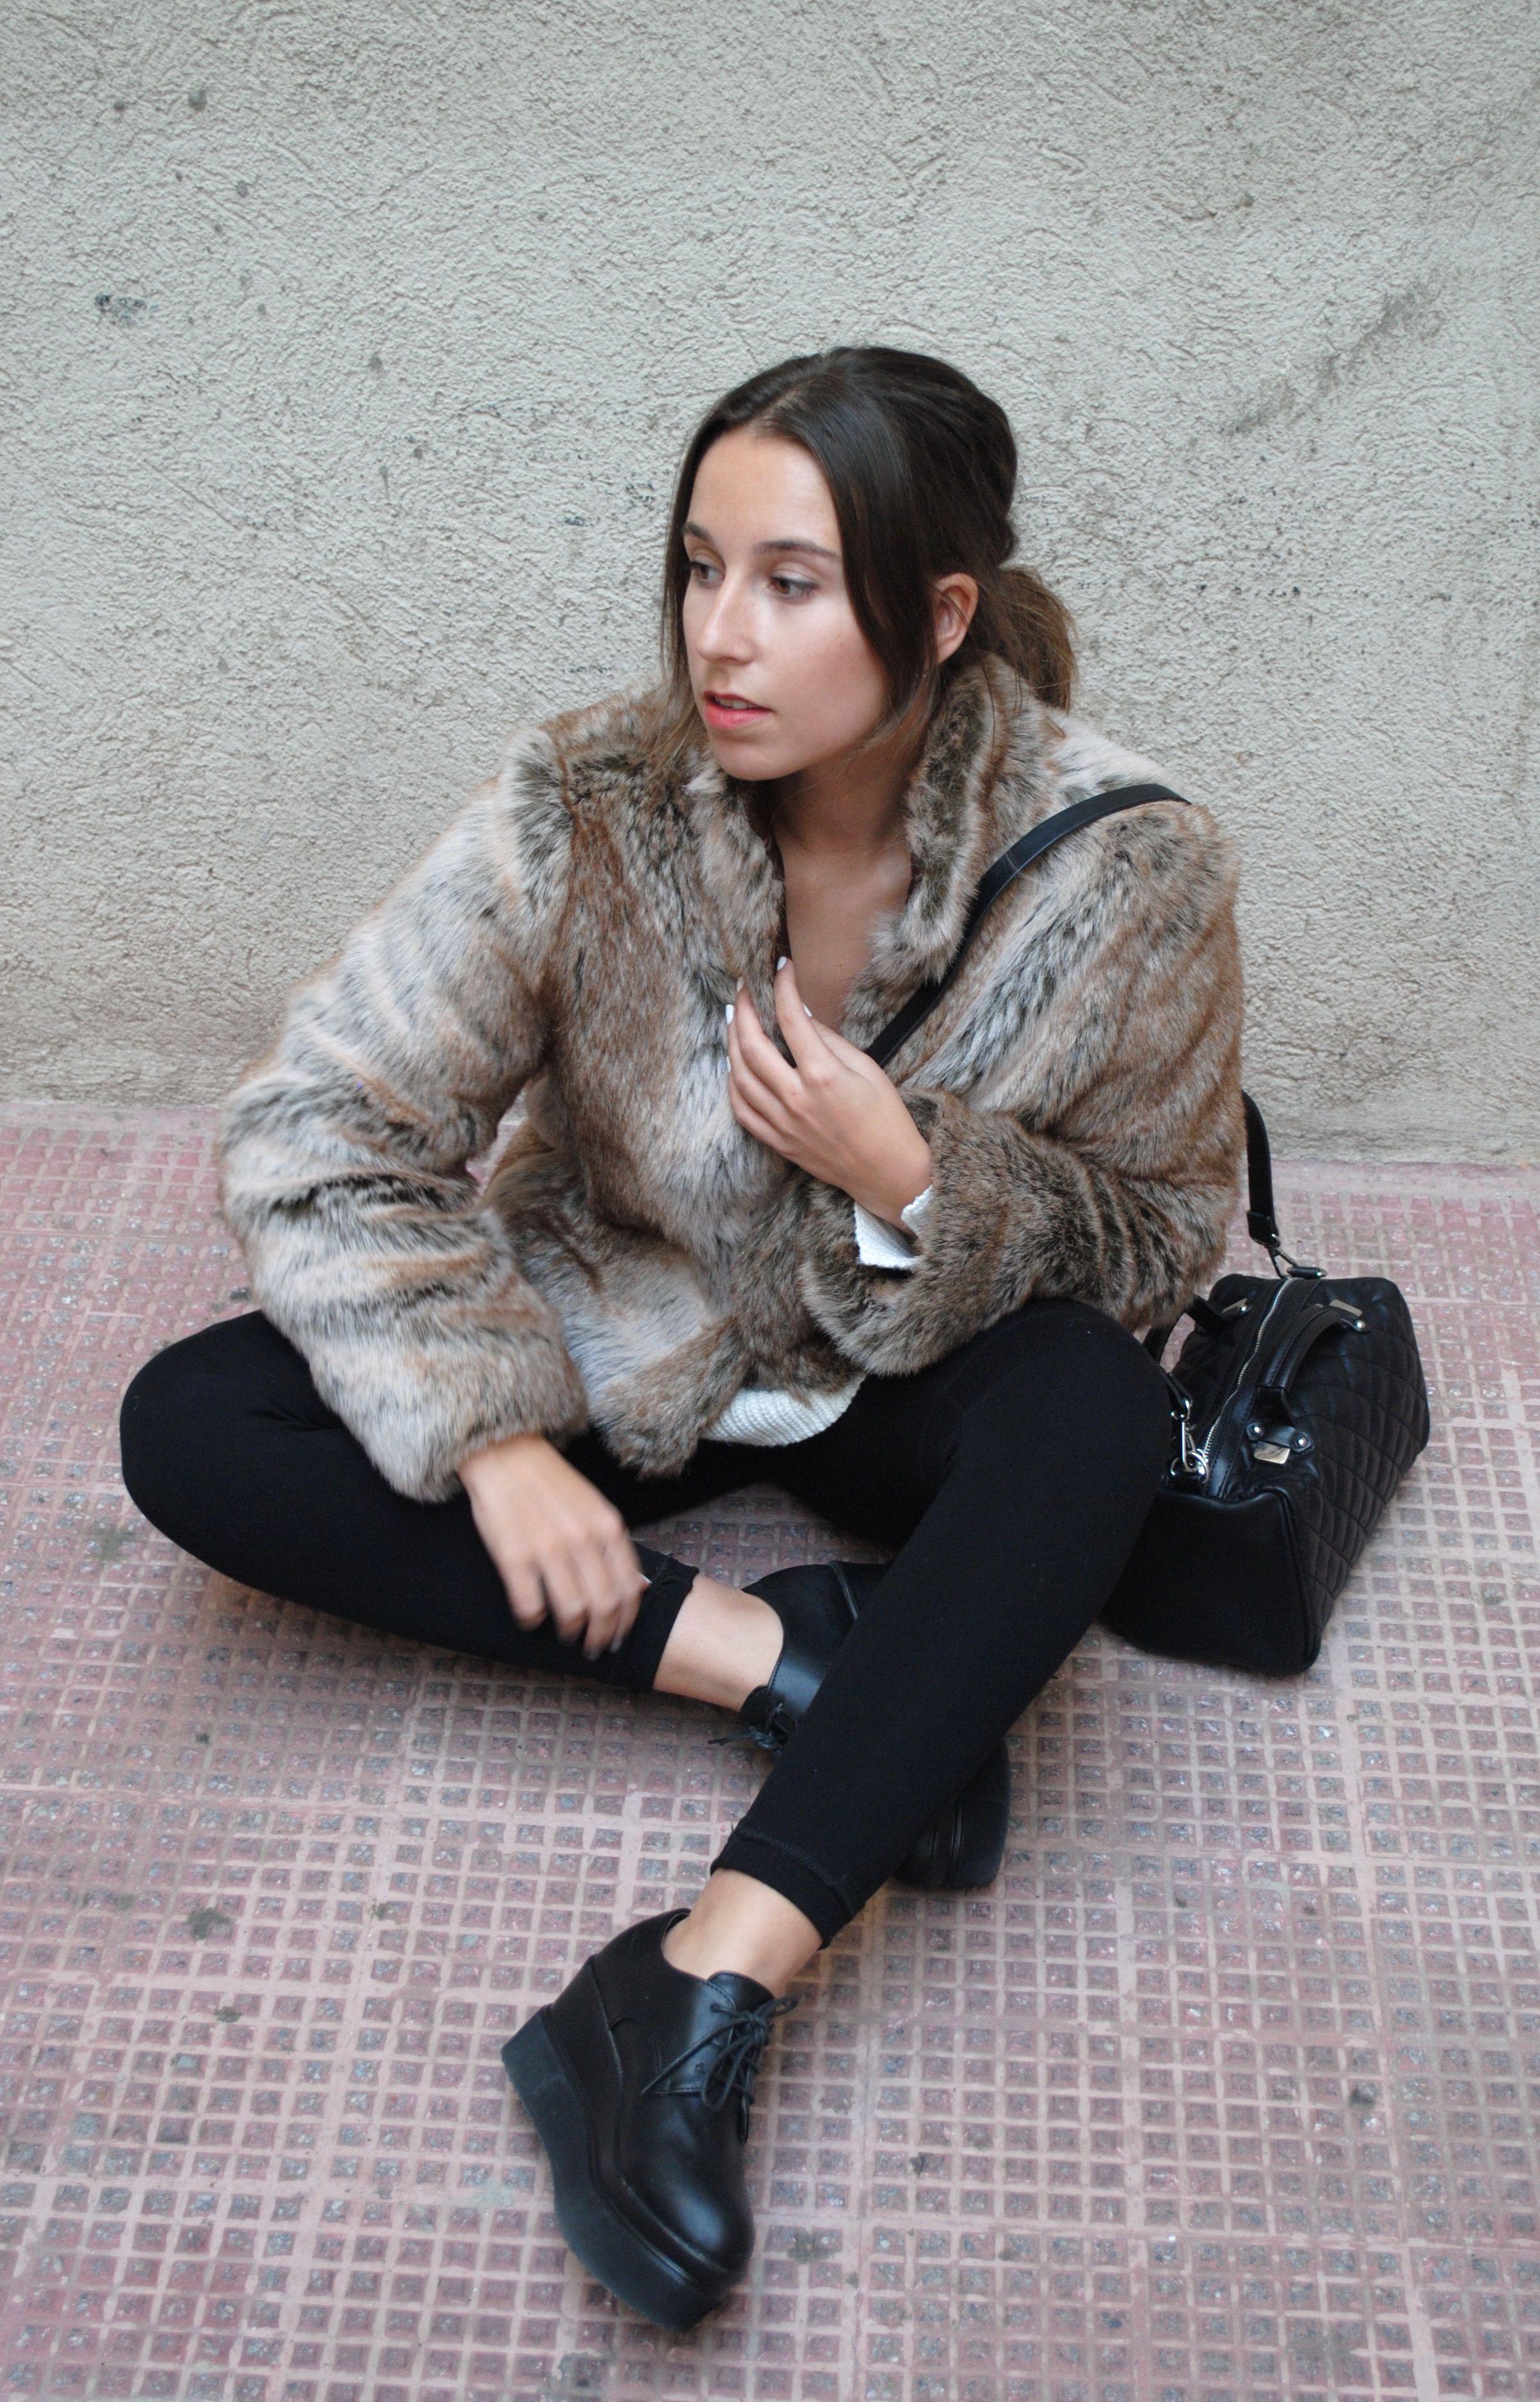 Women's Brown Fur Jacket, Beige Knit Oversized Sweater, Black ...